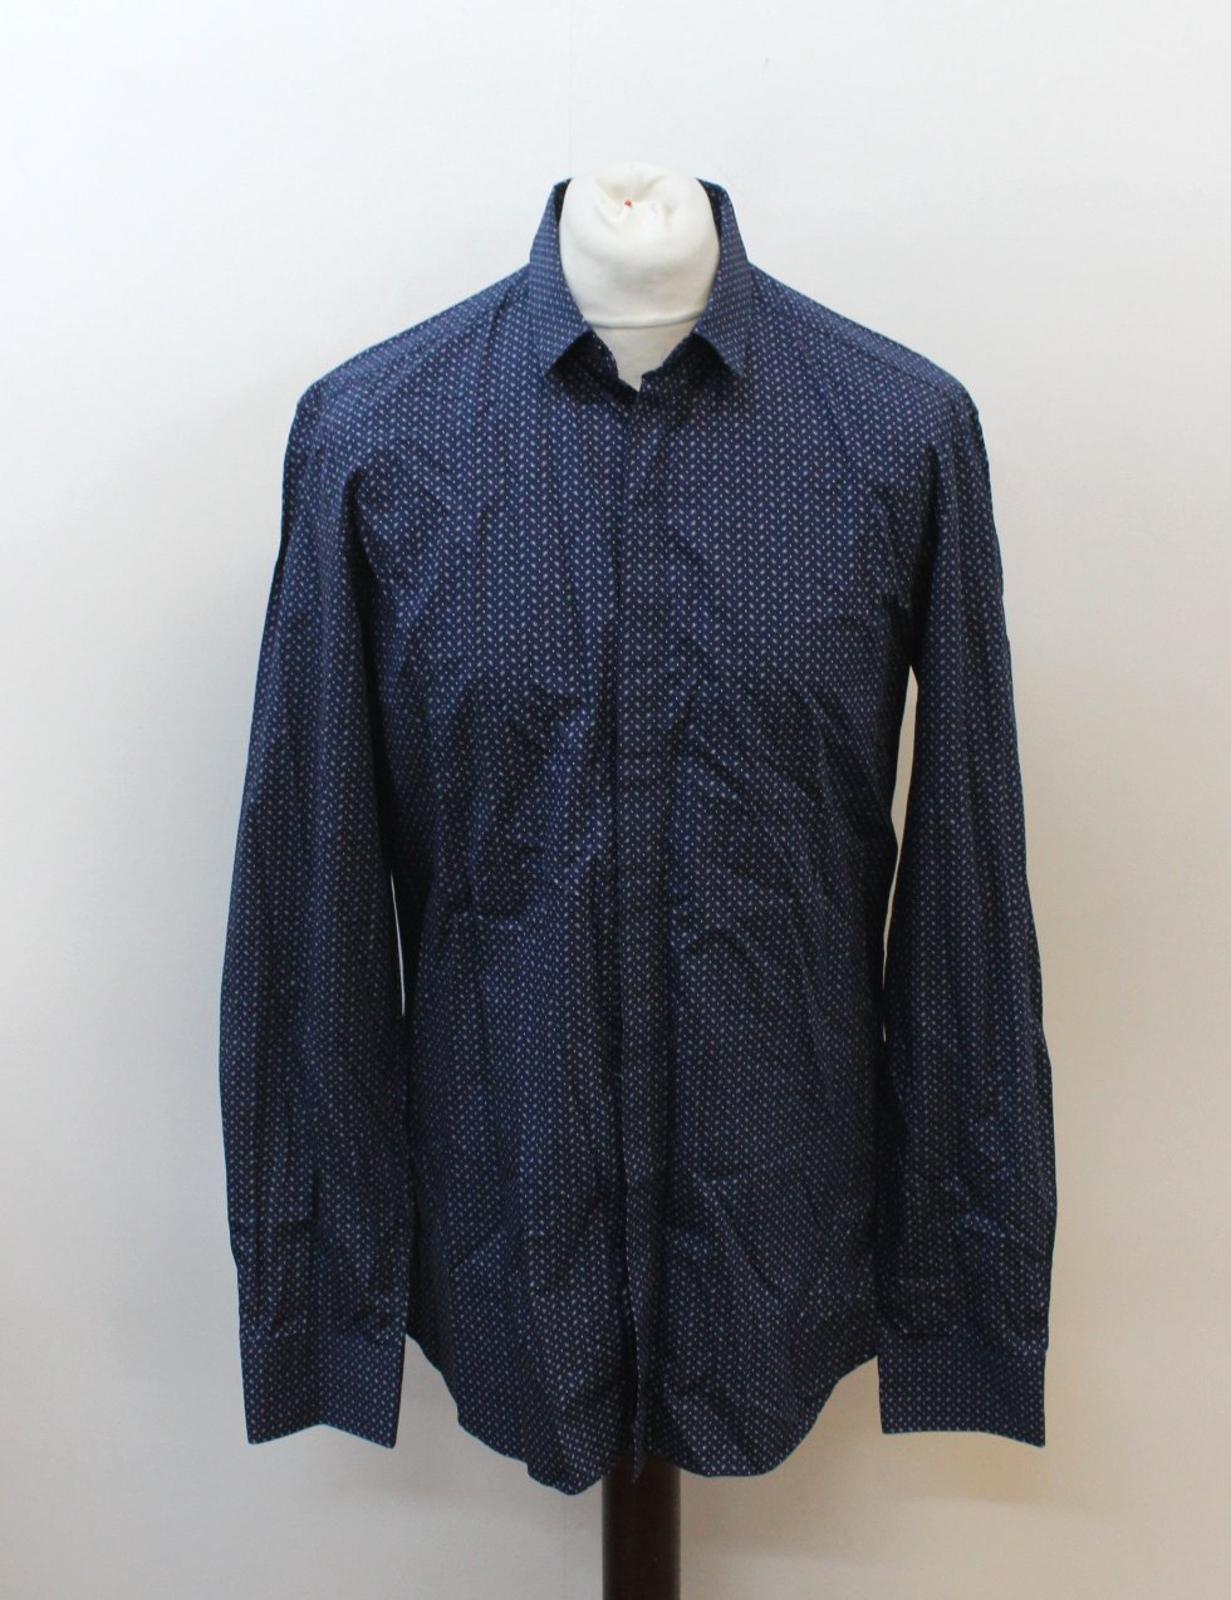 NEIL-BARRETT-Men-039-s-Navy-Blue-Paisley-Slim-Fit-Formal-Shirt-Collar-16-5-034-42cm miniatura 2